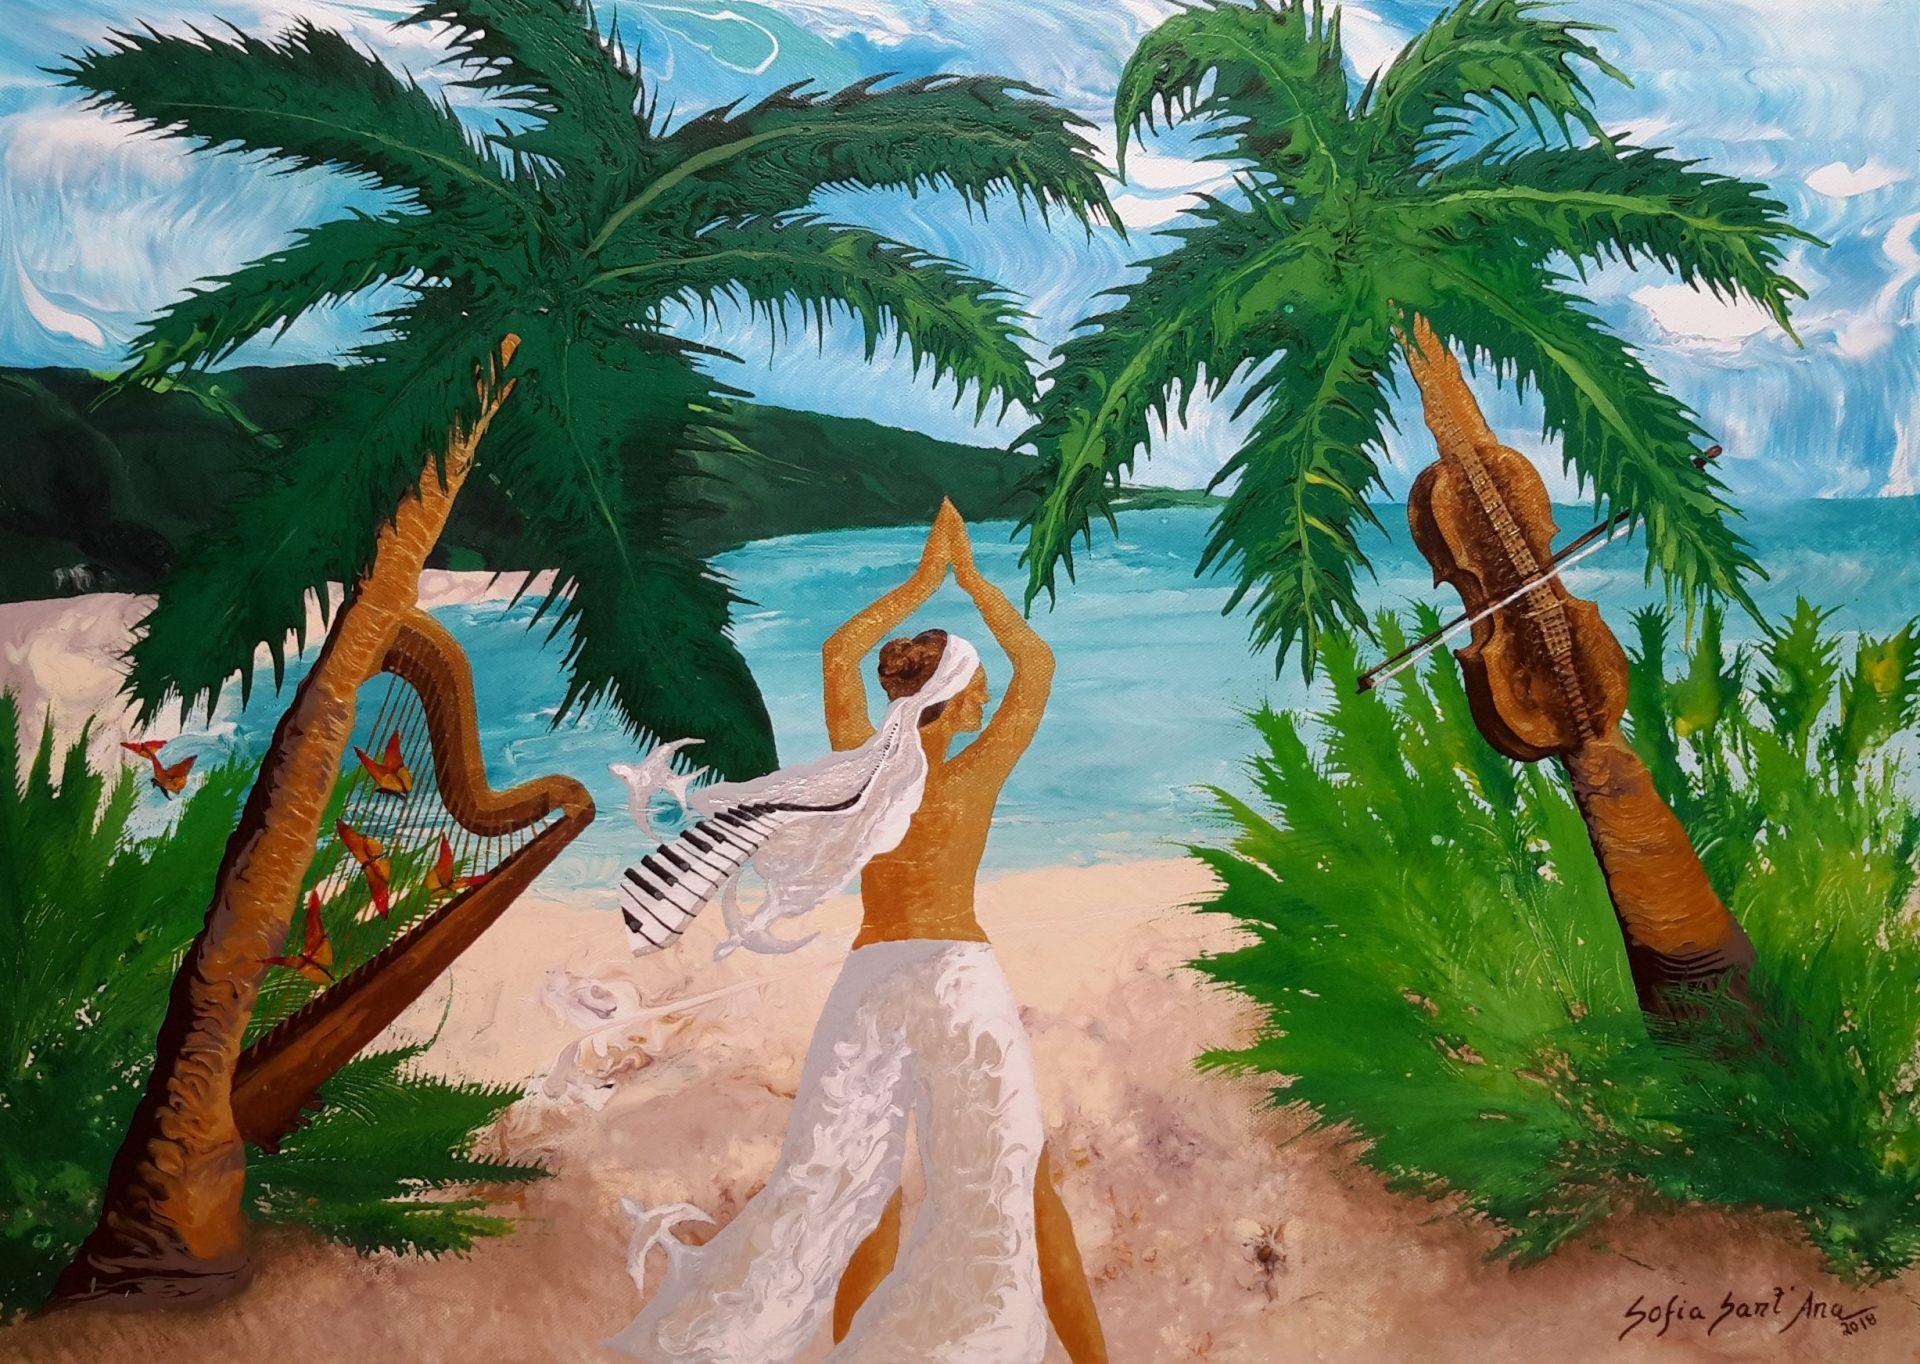 Obra Em Harmonia com a Natureza pintada à mão em acrílico sobre tela